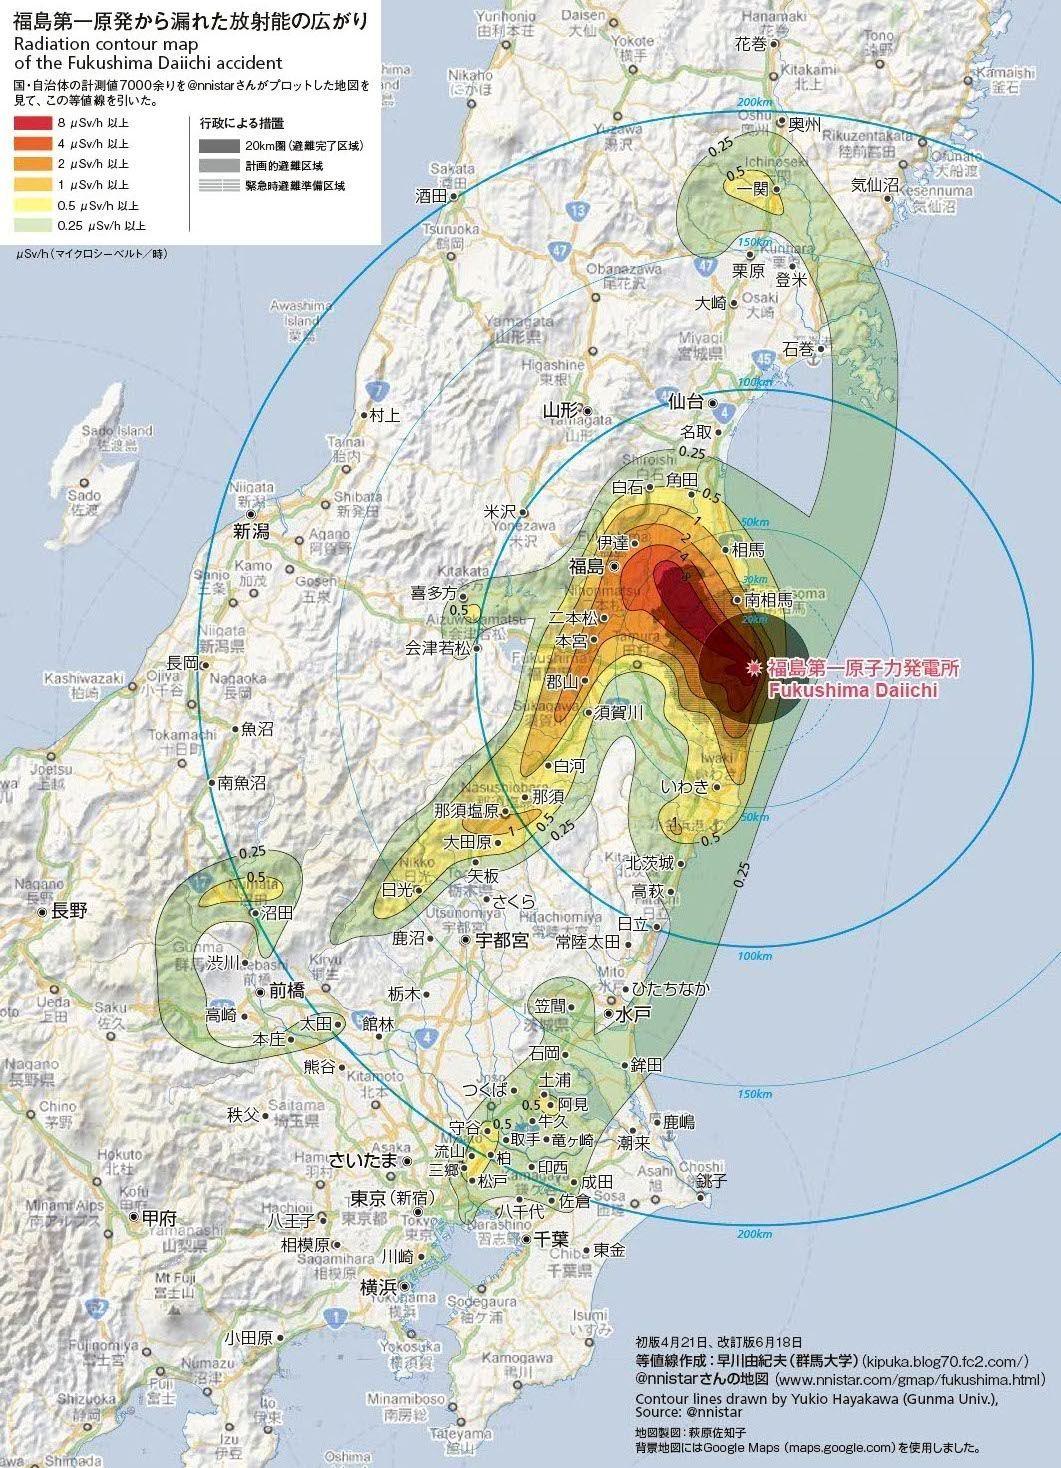 実態がわかってきた関東平野の放射能汚染<br />各地で空間放射線量の測定進む